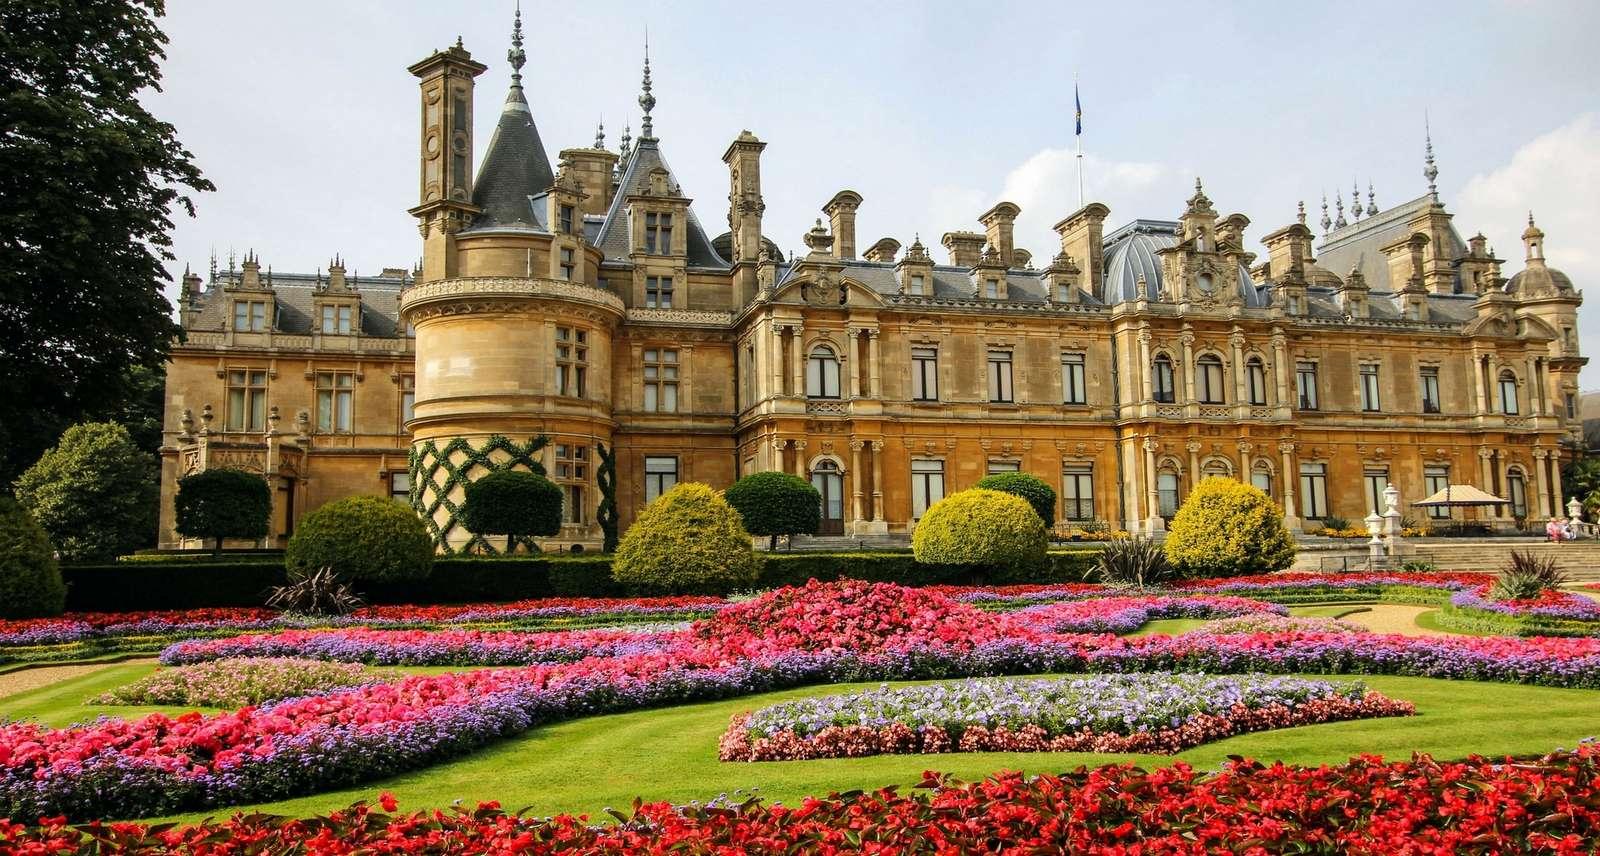 Slottsträdgård - färgglad palatsträdgård